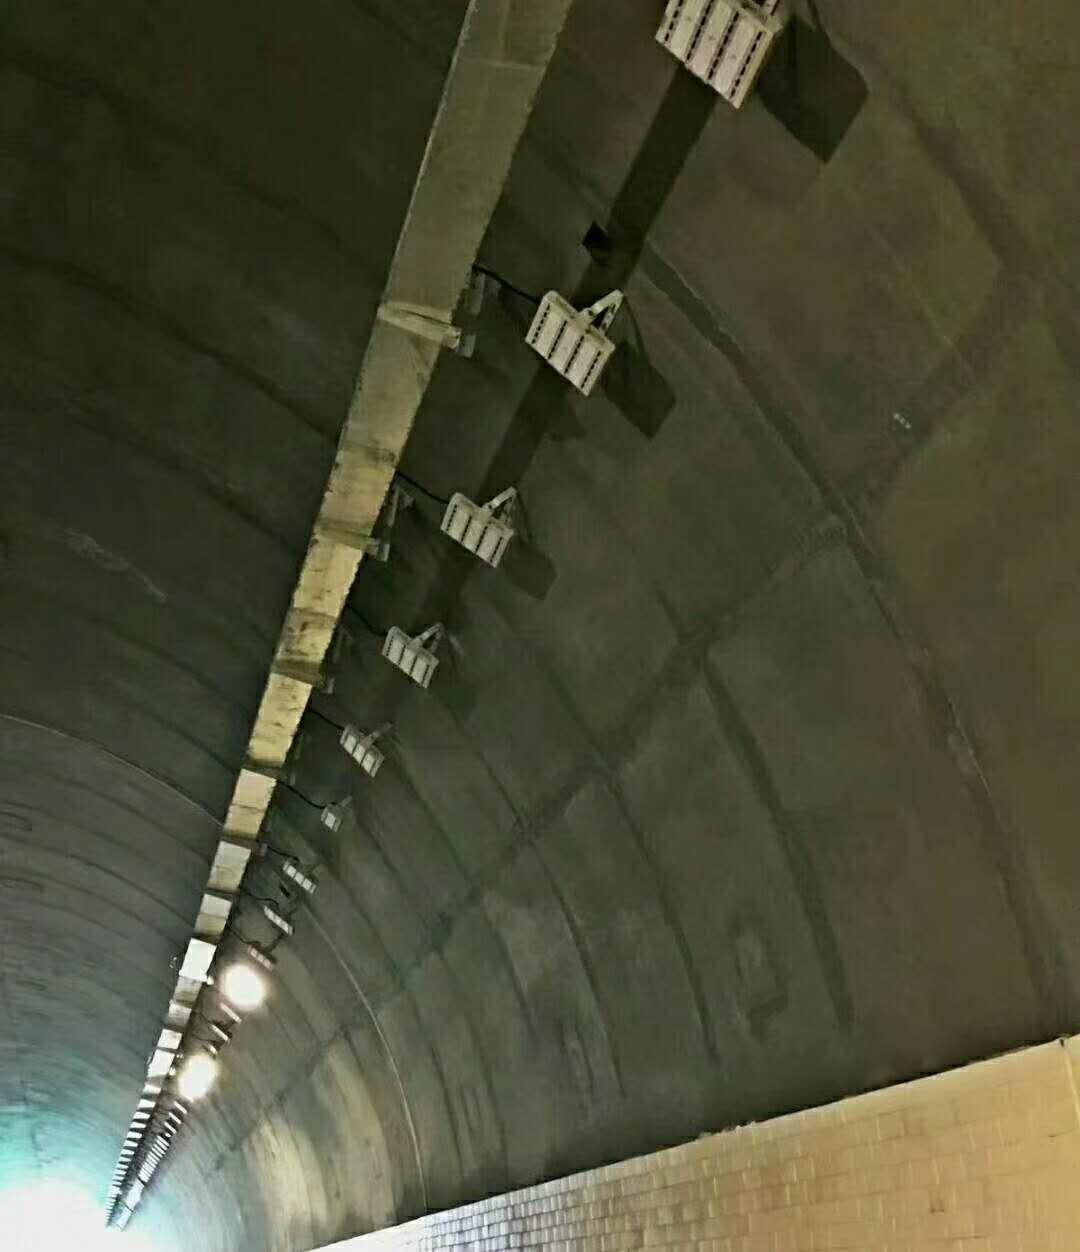 技术文章 >led隧道灯照明隧道设计  在采取隧道led改造后,在间隔隧道